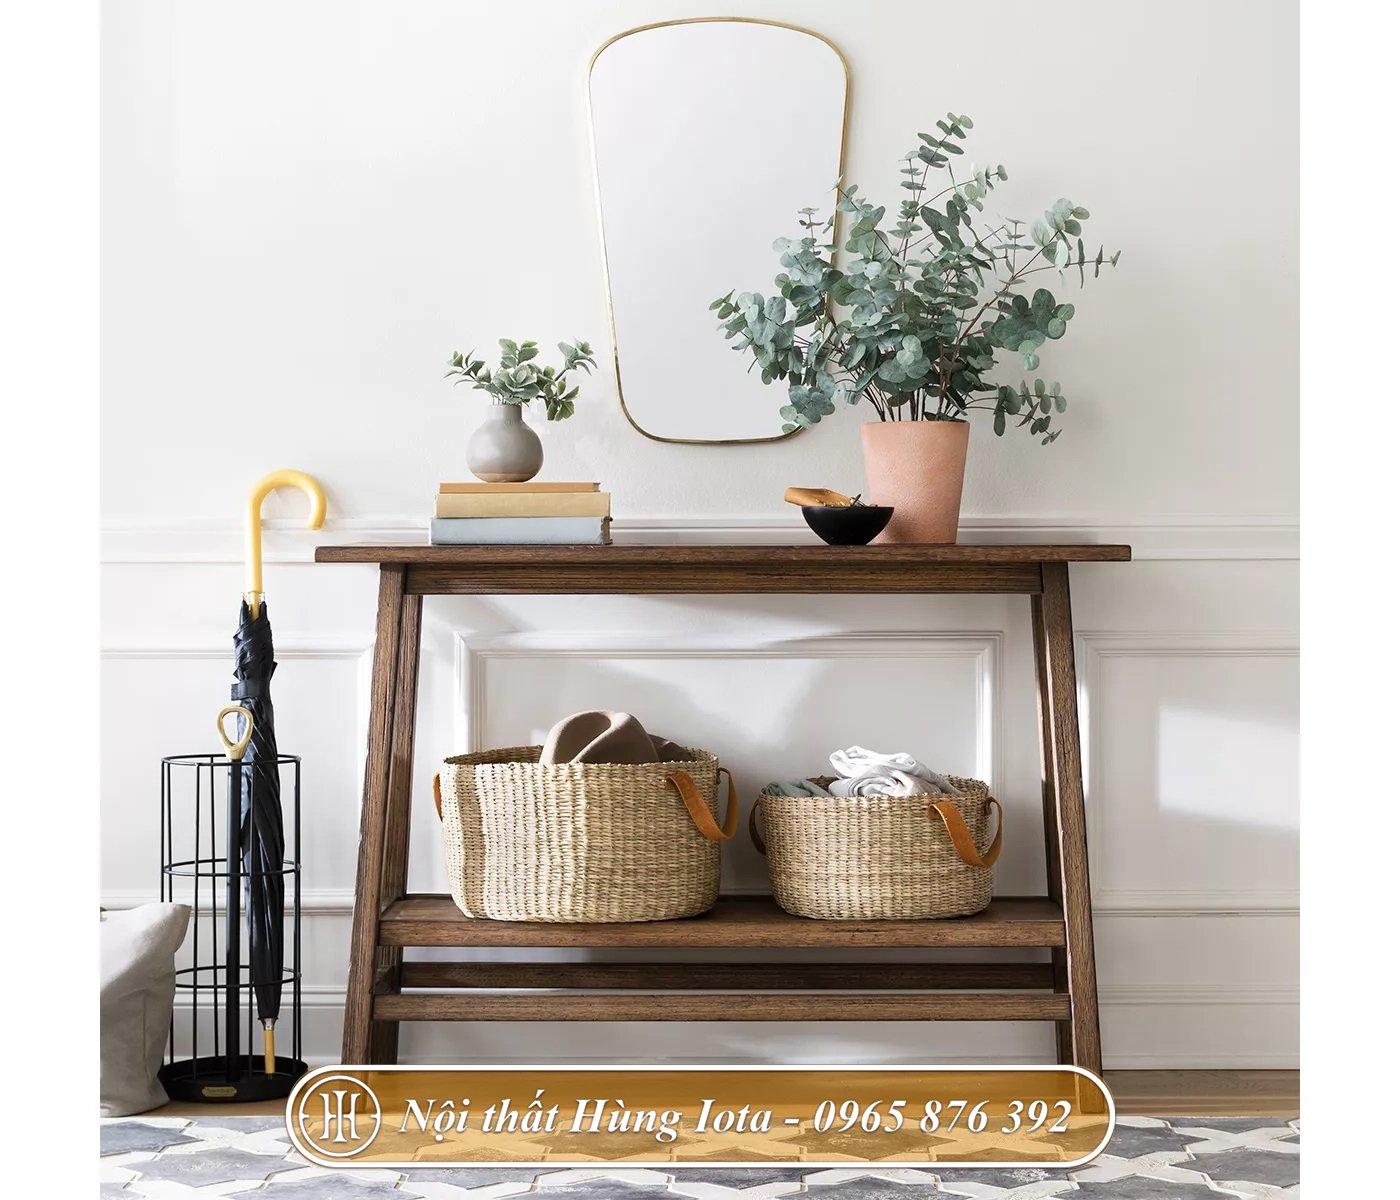 Kệ gỗ decor phù hợp mọi không gian